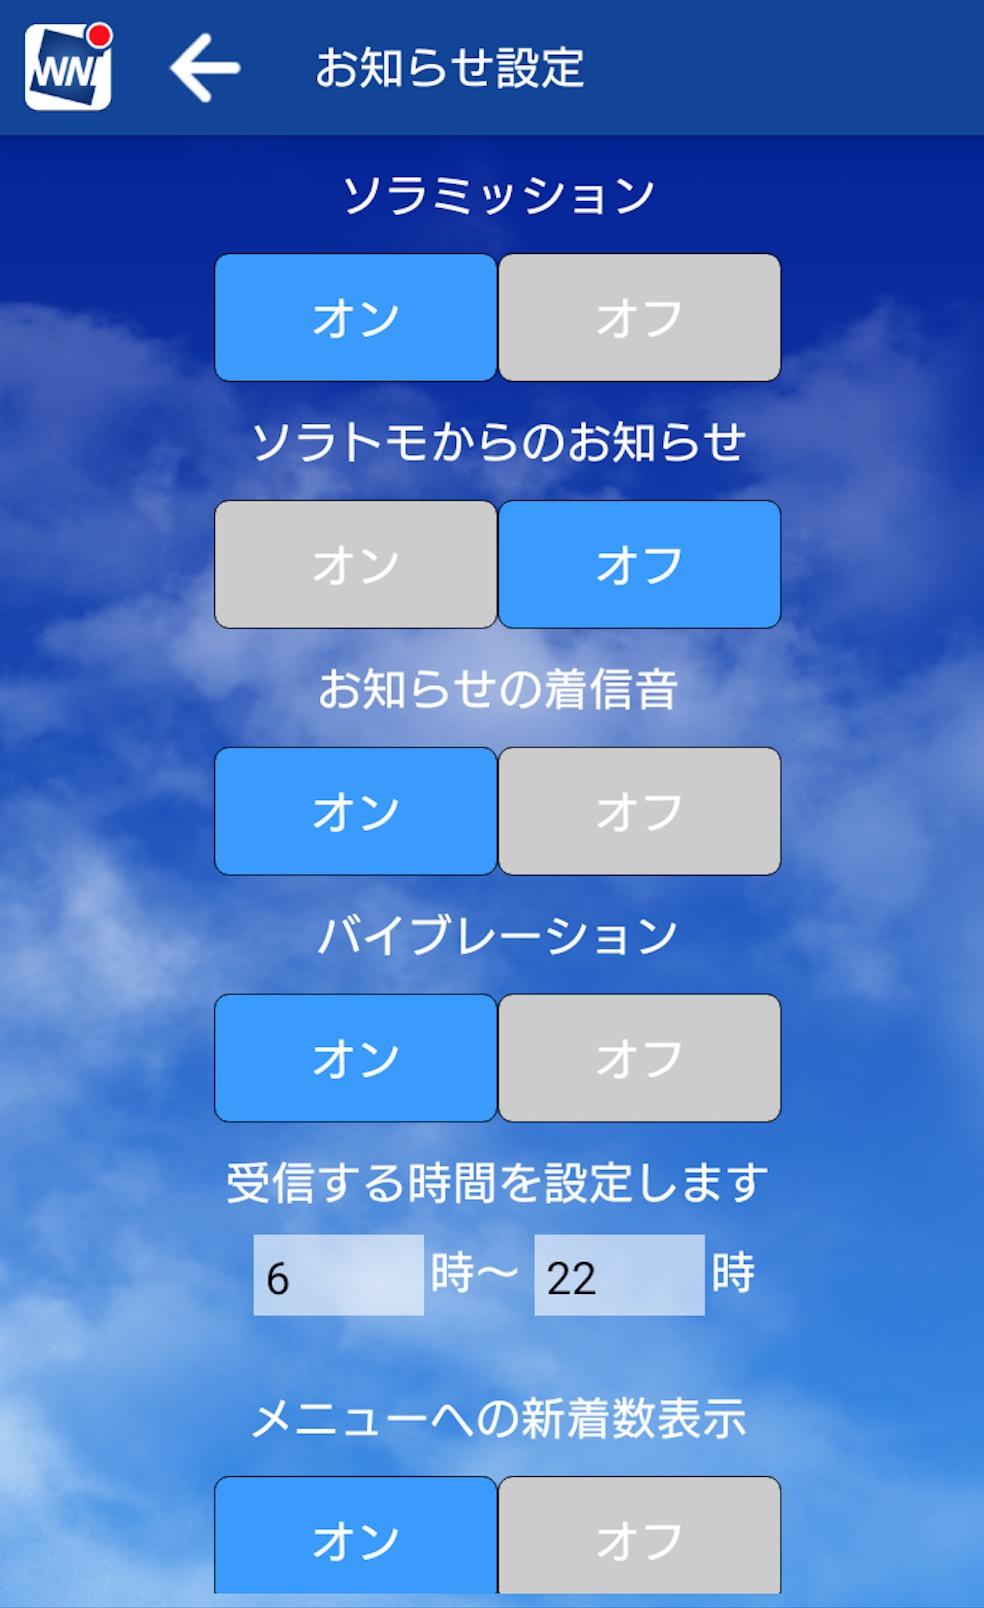 スクリーンショット 2016-04-03 19.23.43